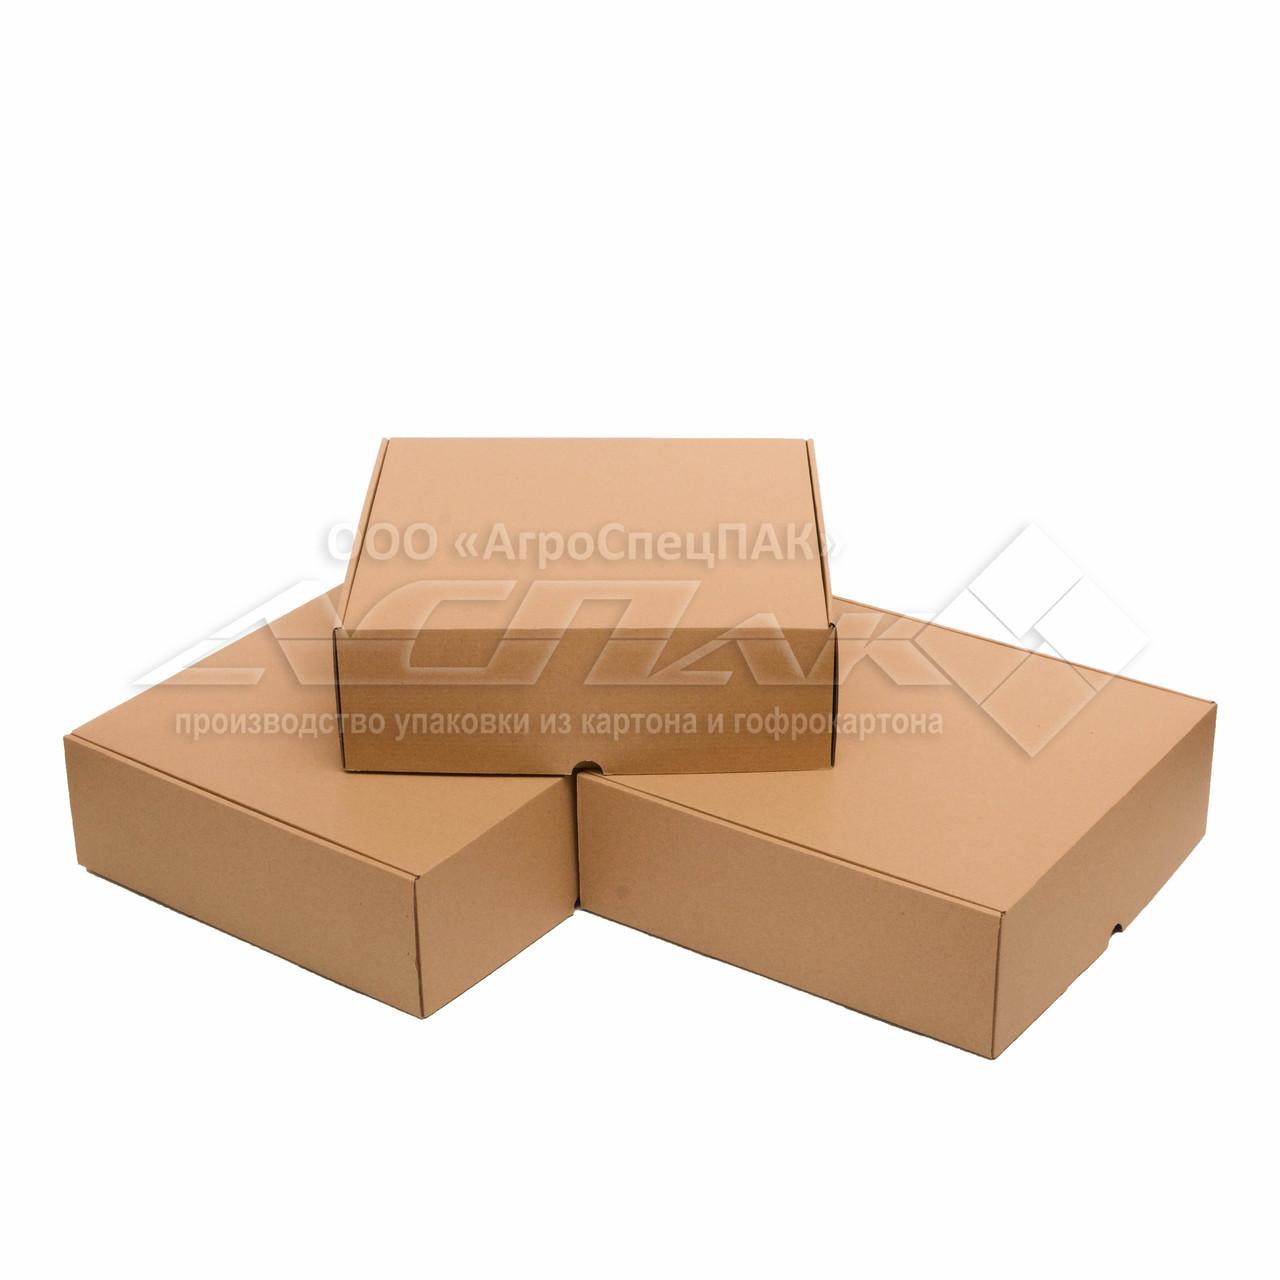 Картонные коробки 300*300*100 бурые - фото 2